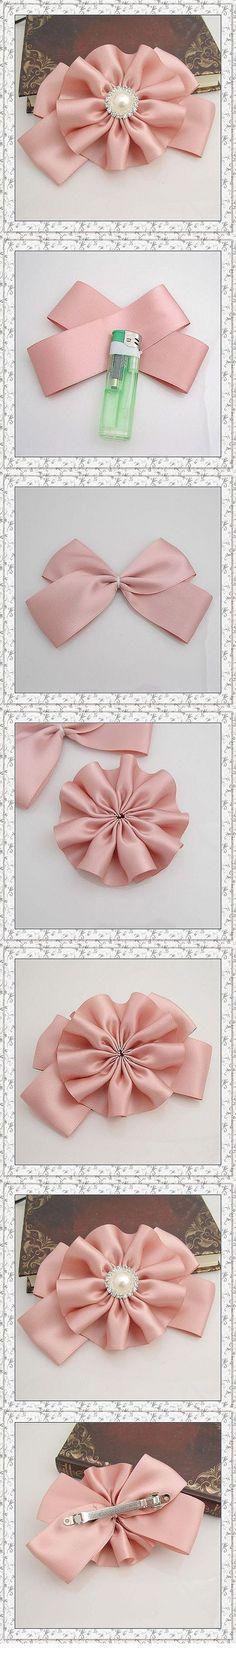 Ribbon flower applique